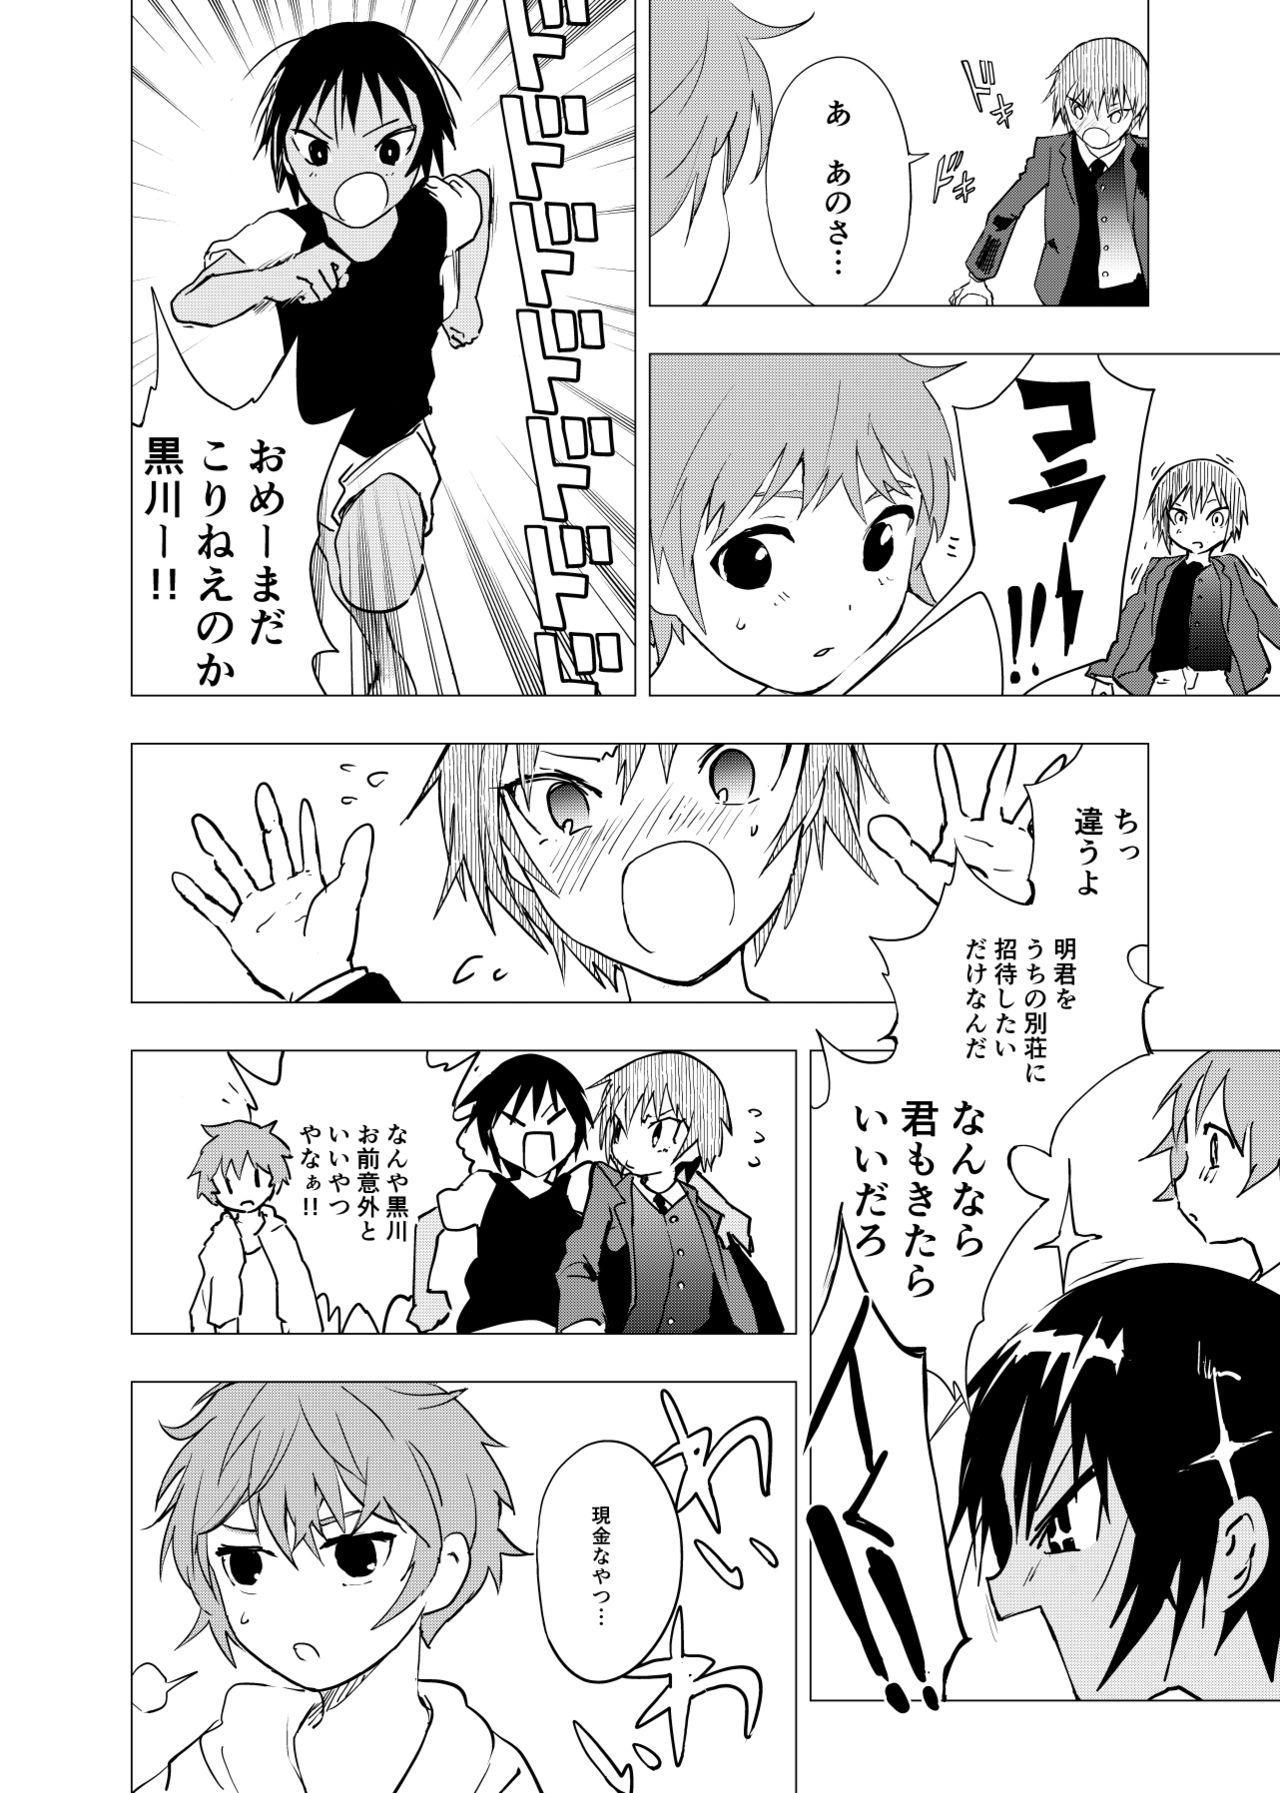 Inaka no Uke Shounen to Tokai no Seme Shounen no Ero Manga 1-6 115